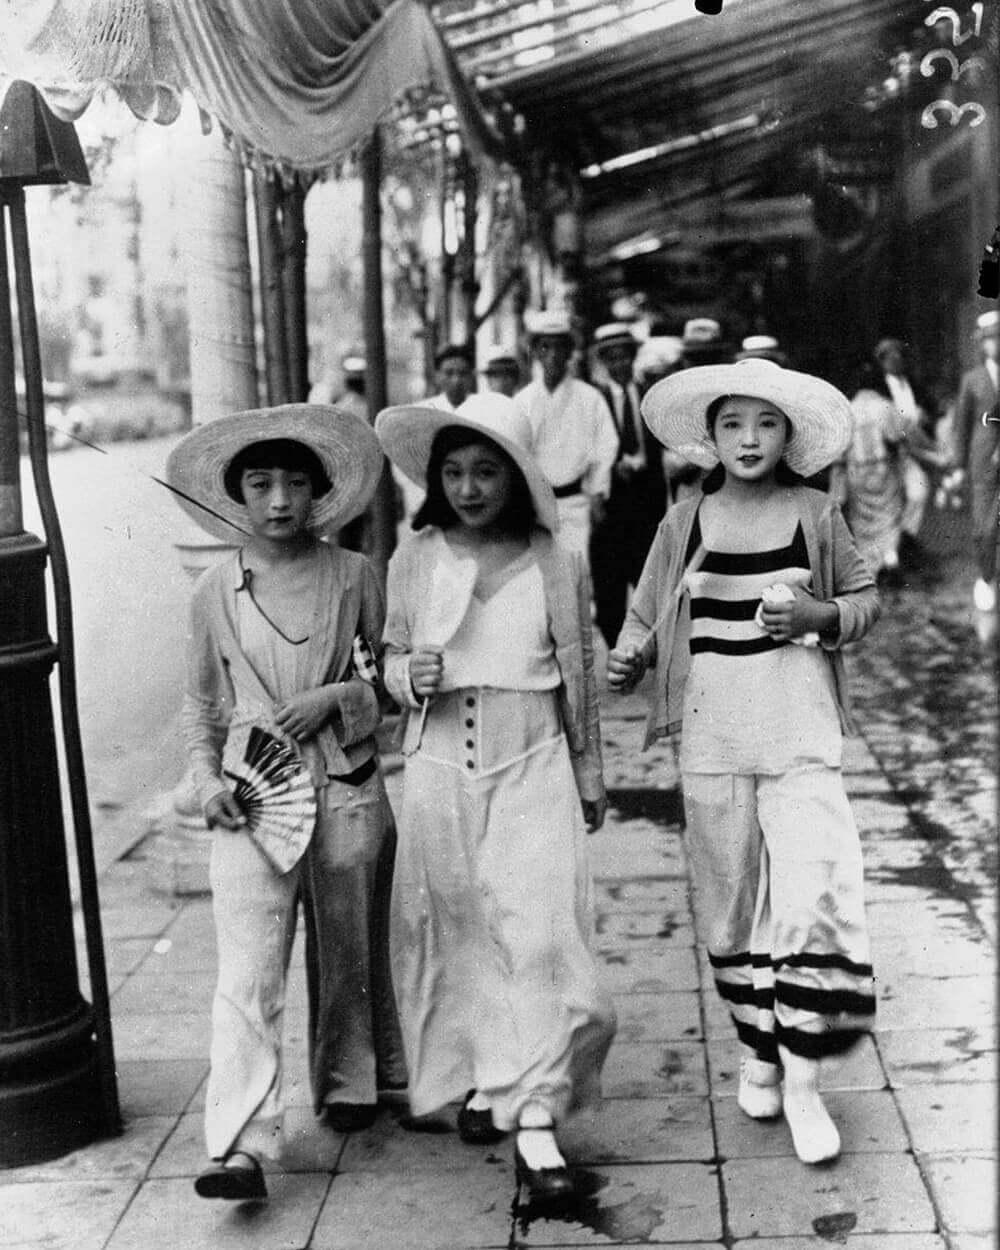 Thời trang Nhật Bản và những bước tiến tiên phong đổi mới - hình ảnh 5